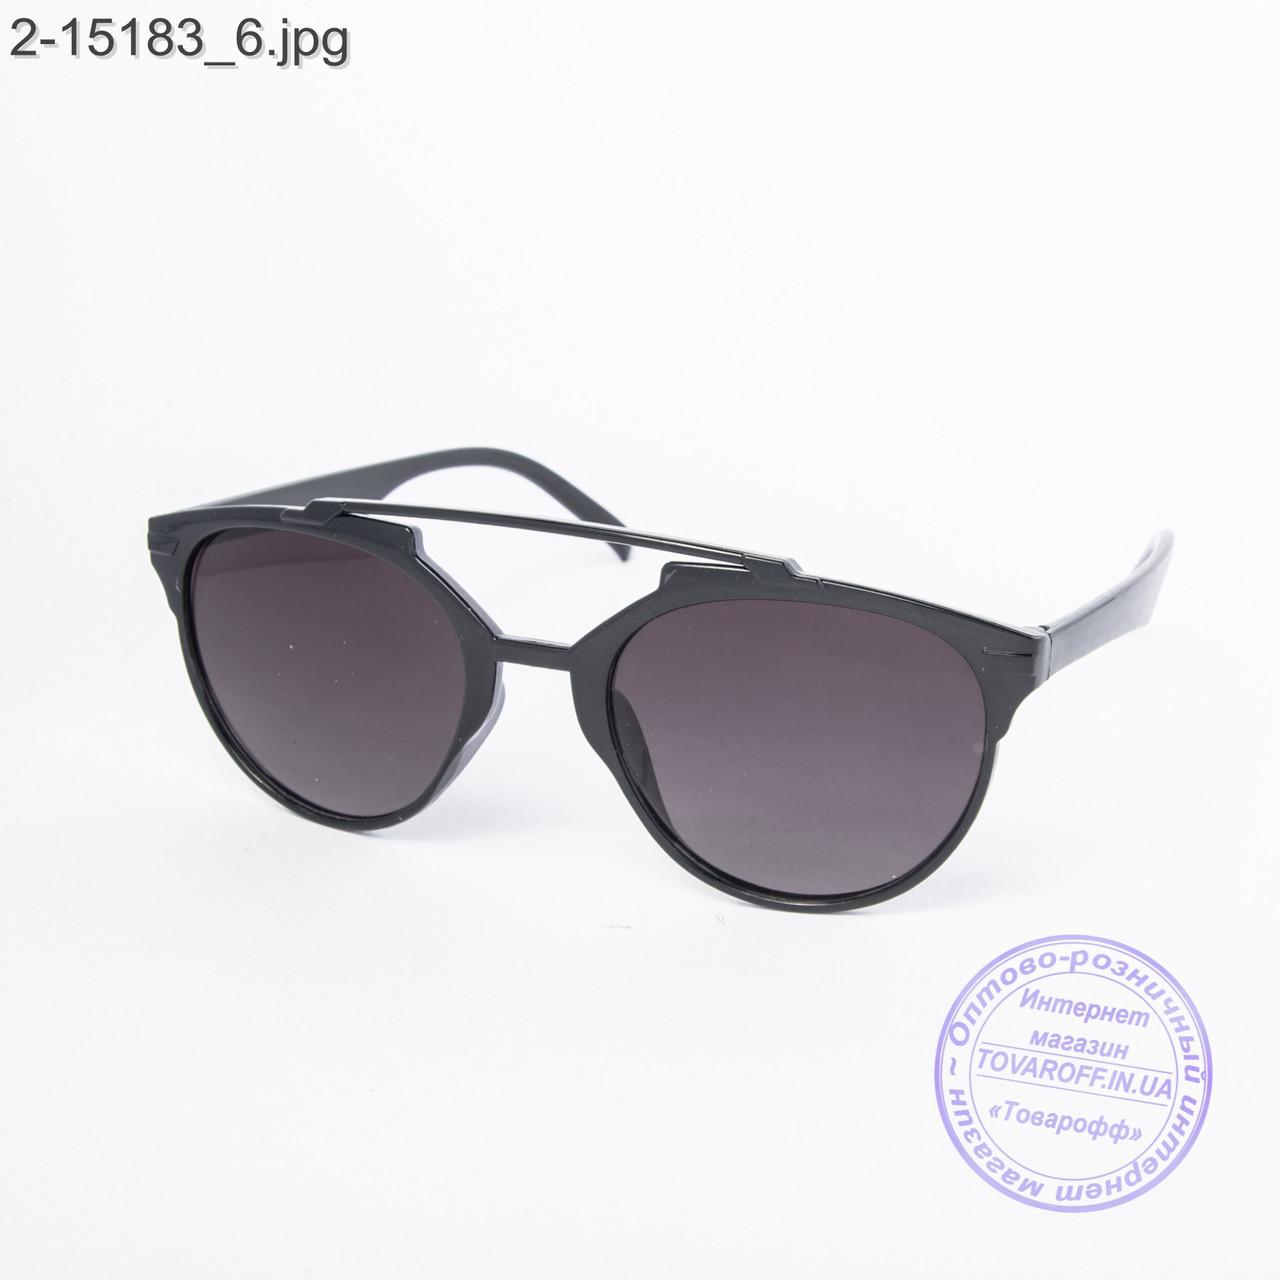 Солнцезащитные очки унисекс черные - 2-15183